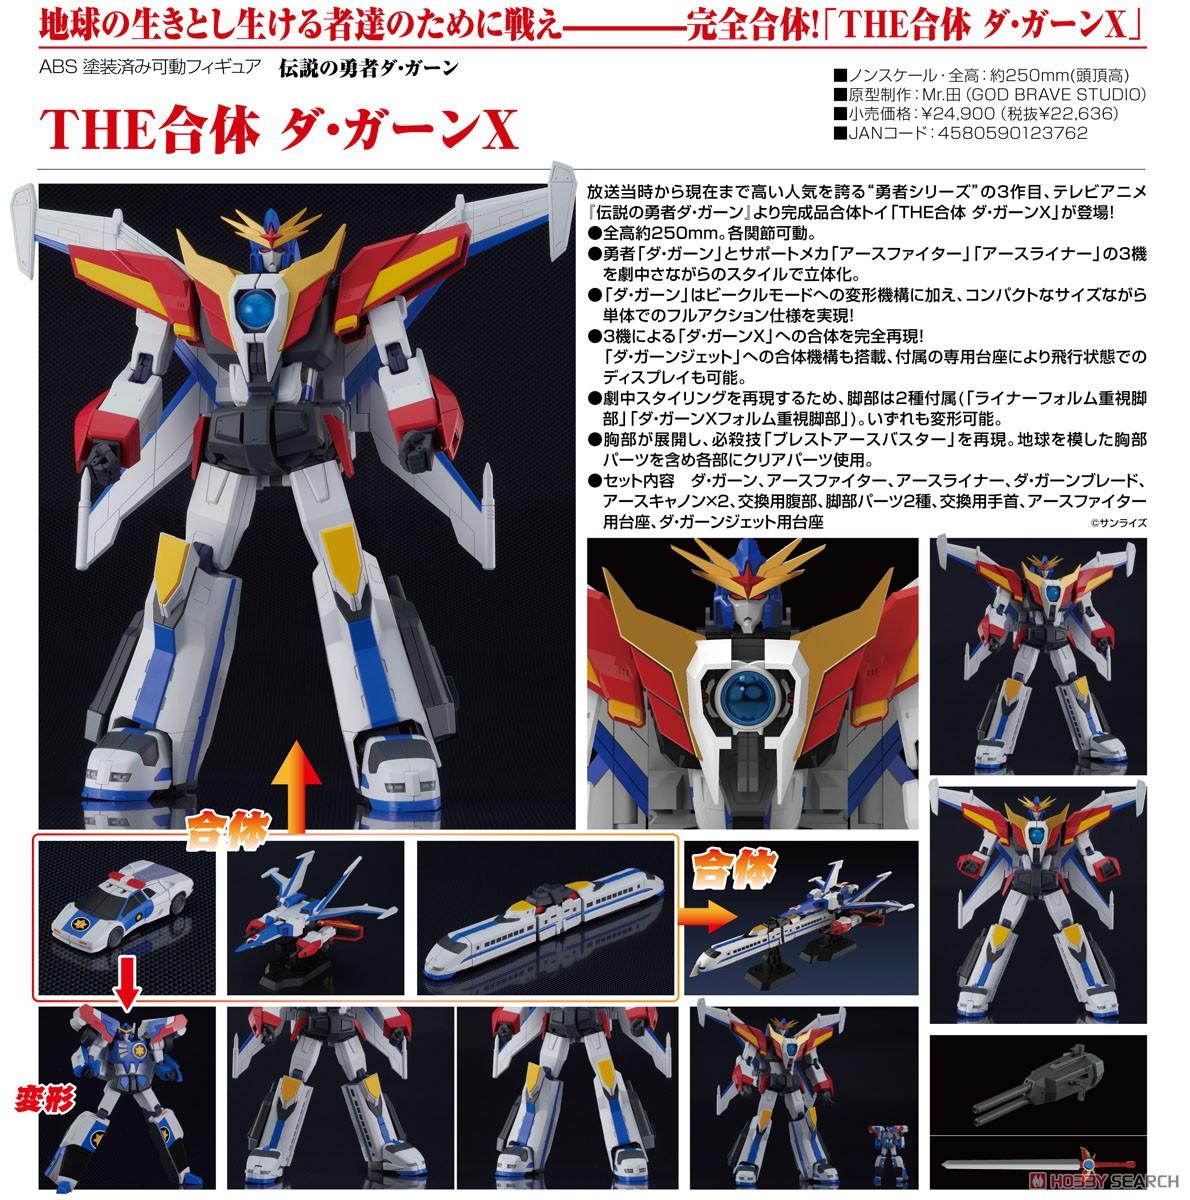 THE合体『ダ・ガーンX』伝説の勇者ダ・ガーン 可変合体フィギュア-012